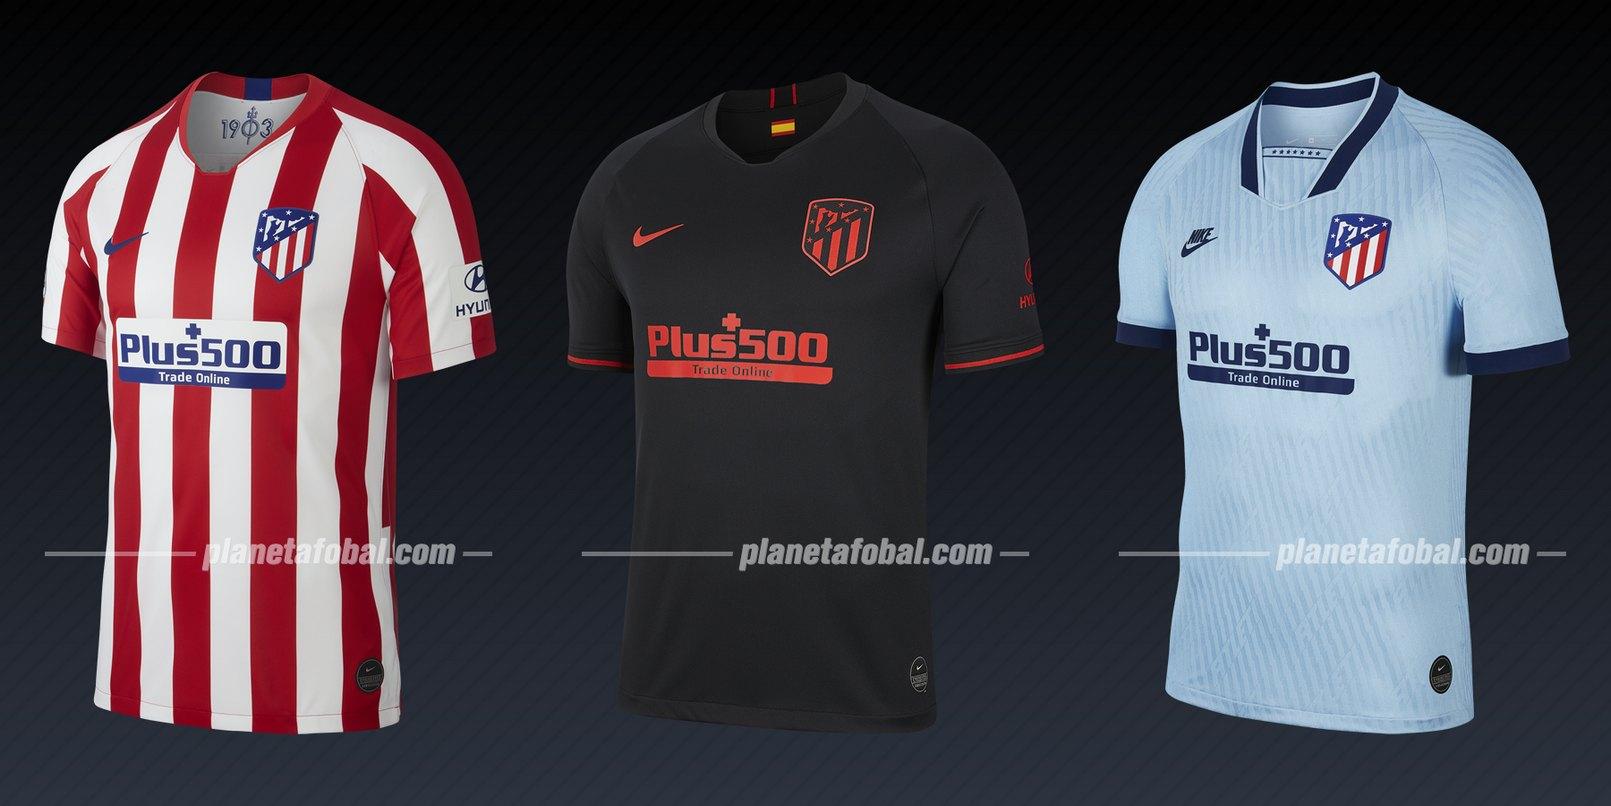 Atletico de Madrid (Nike) | Camisetas de la Liga de Campeones 2019/20